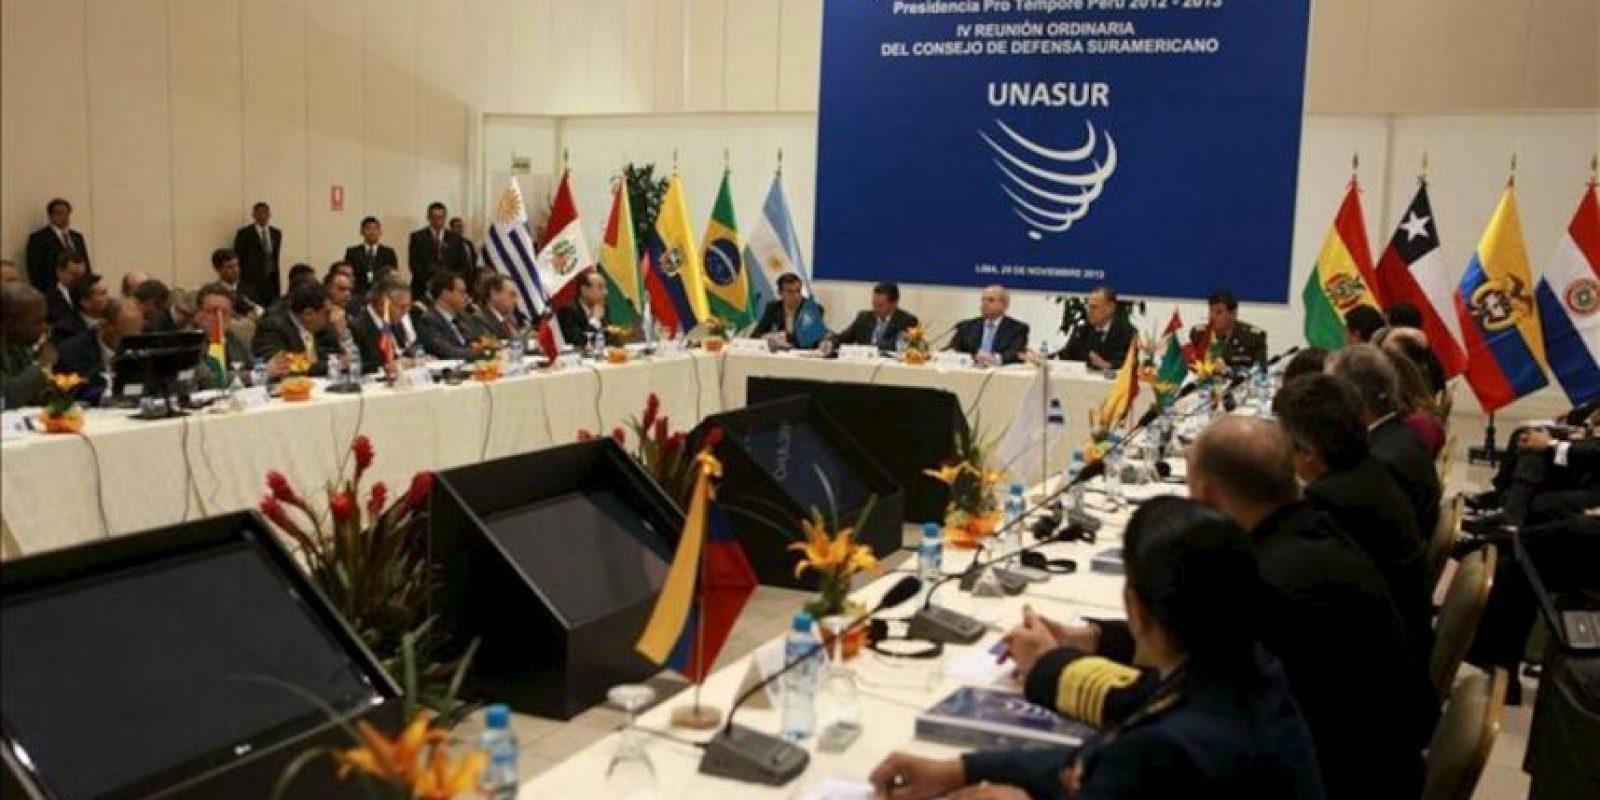 Vista general de la reunión de ministros de Defensa de la Unión de Naciones Suramericanas (Unasur) que se realiza en Lima (Perú), en la que aprobarán el Plan de Acción para 2013 del Consejo de Defensa Suramericano (CDS). EFE